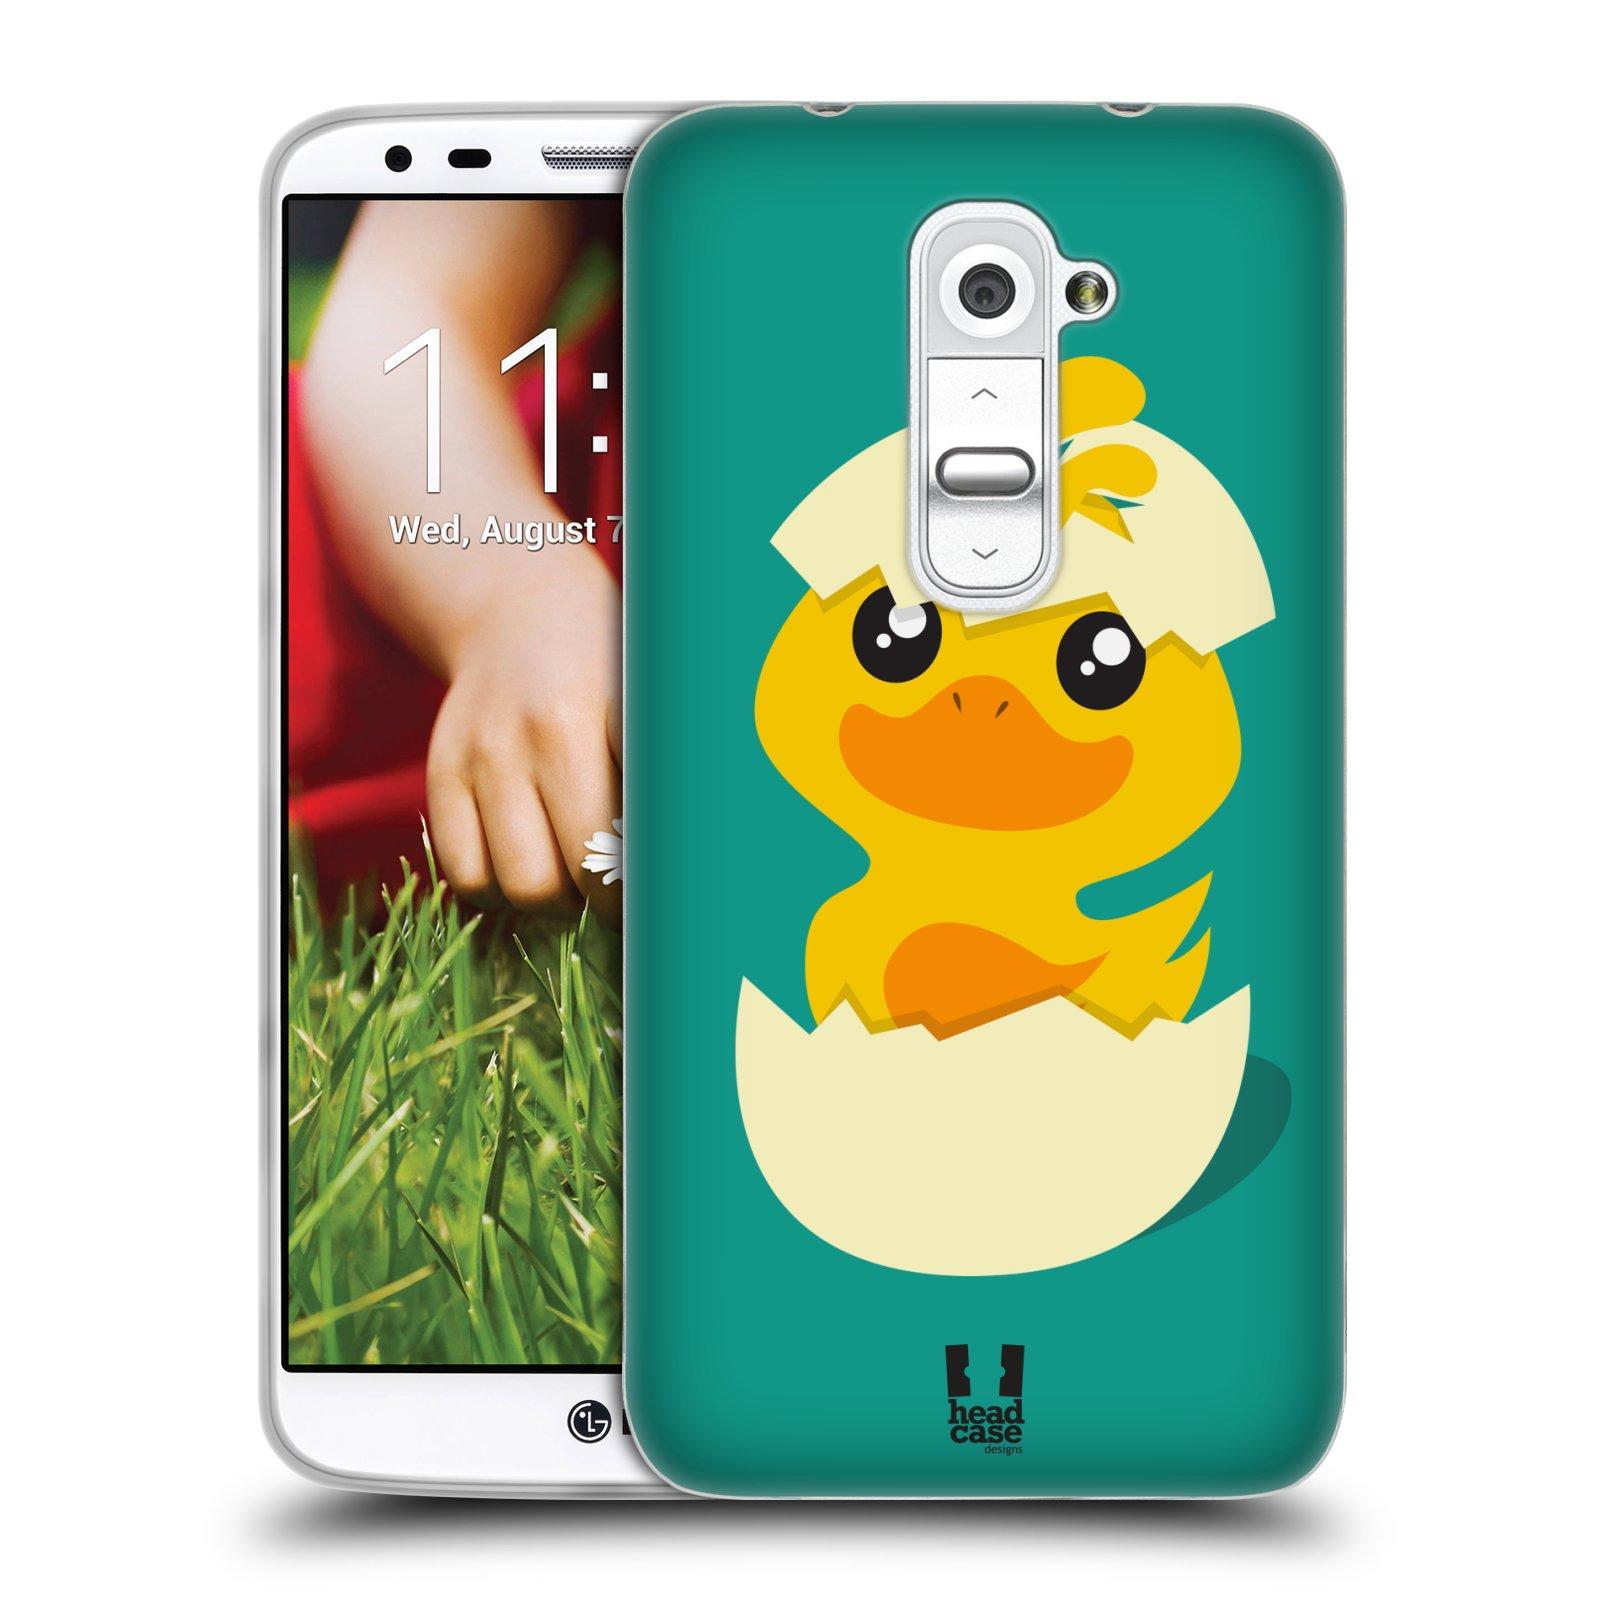 Silikonové pouzdro na mobil LG G2 HEAD CASE KACHNIČKA Z VAJÍČKA (Silikonový kryt či obal na mobilní telefon LG G2 D802)